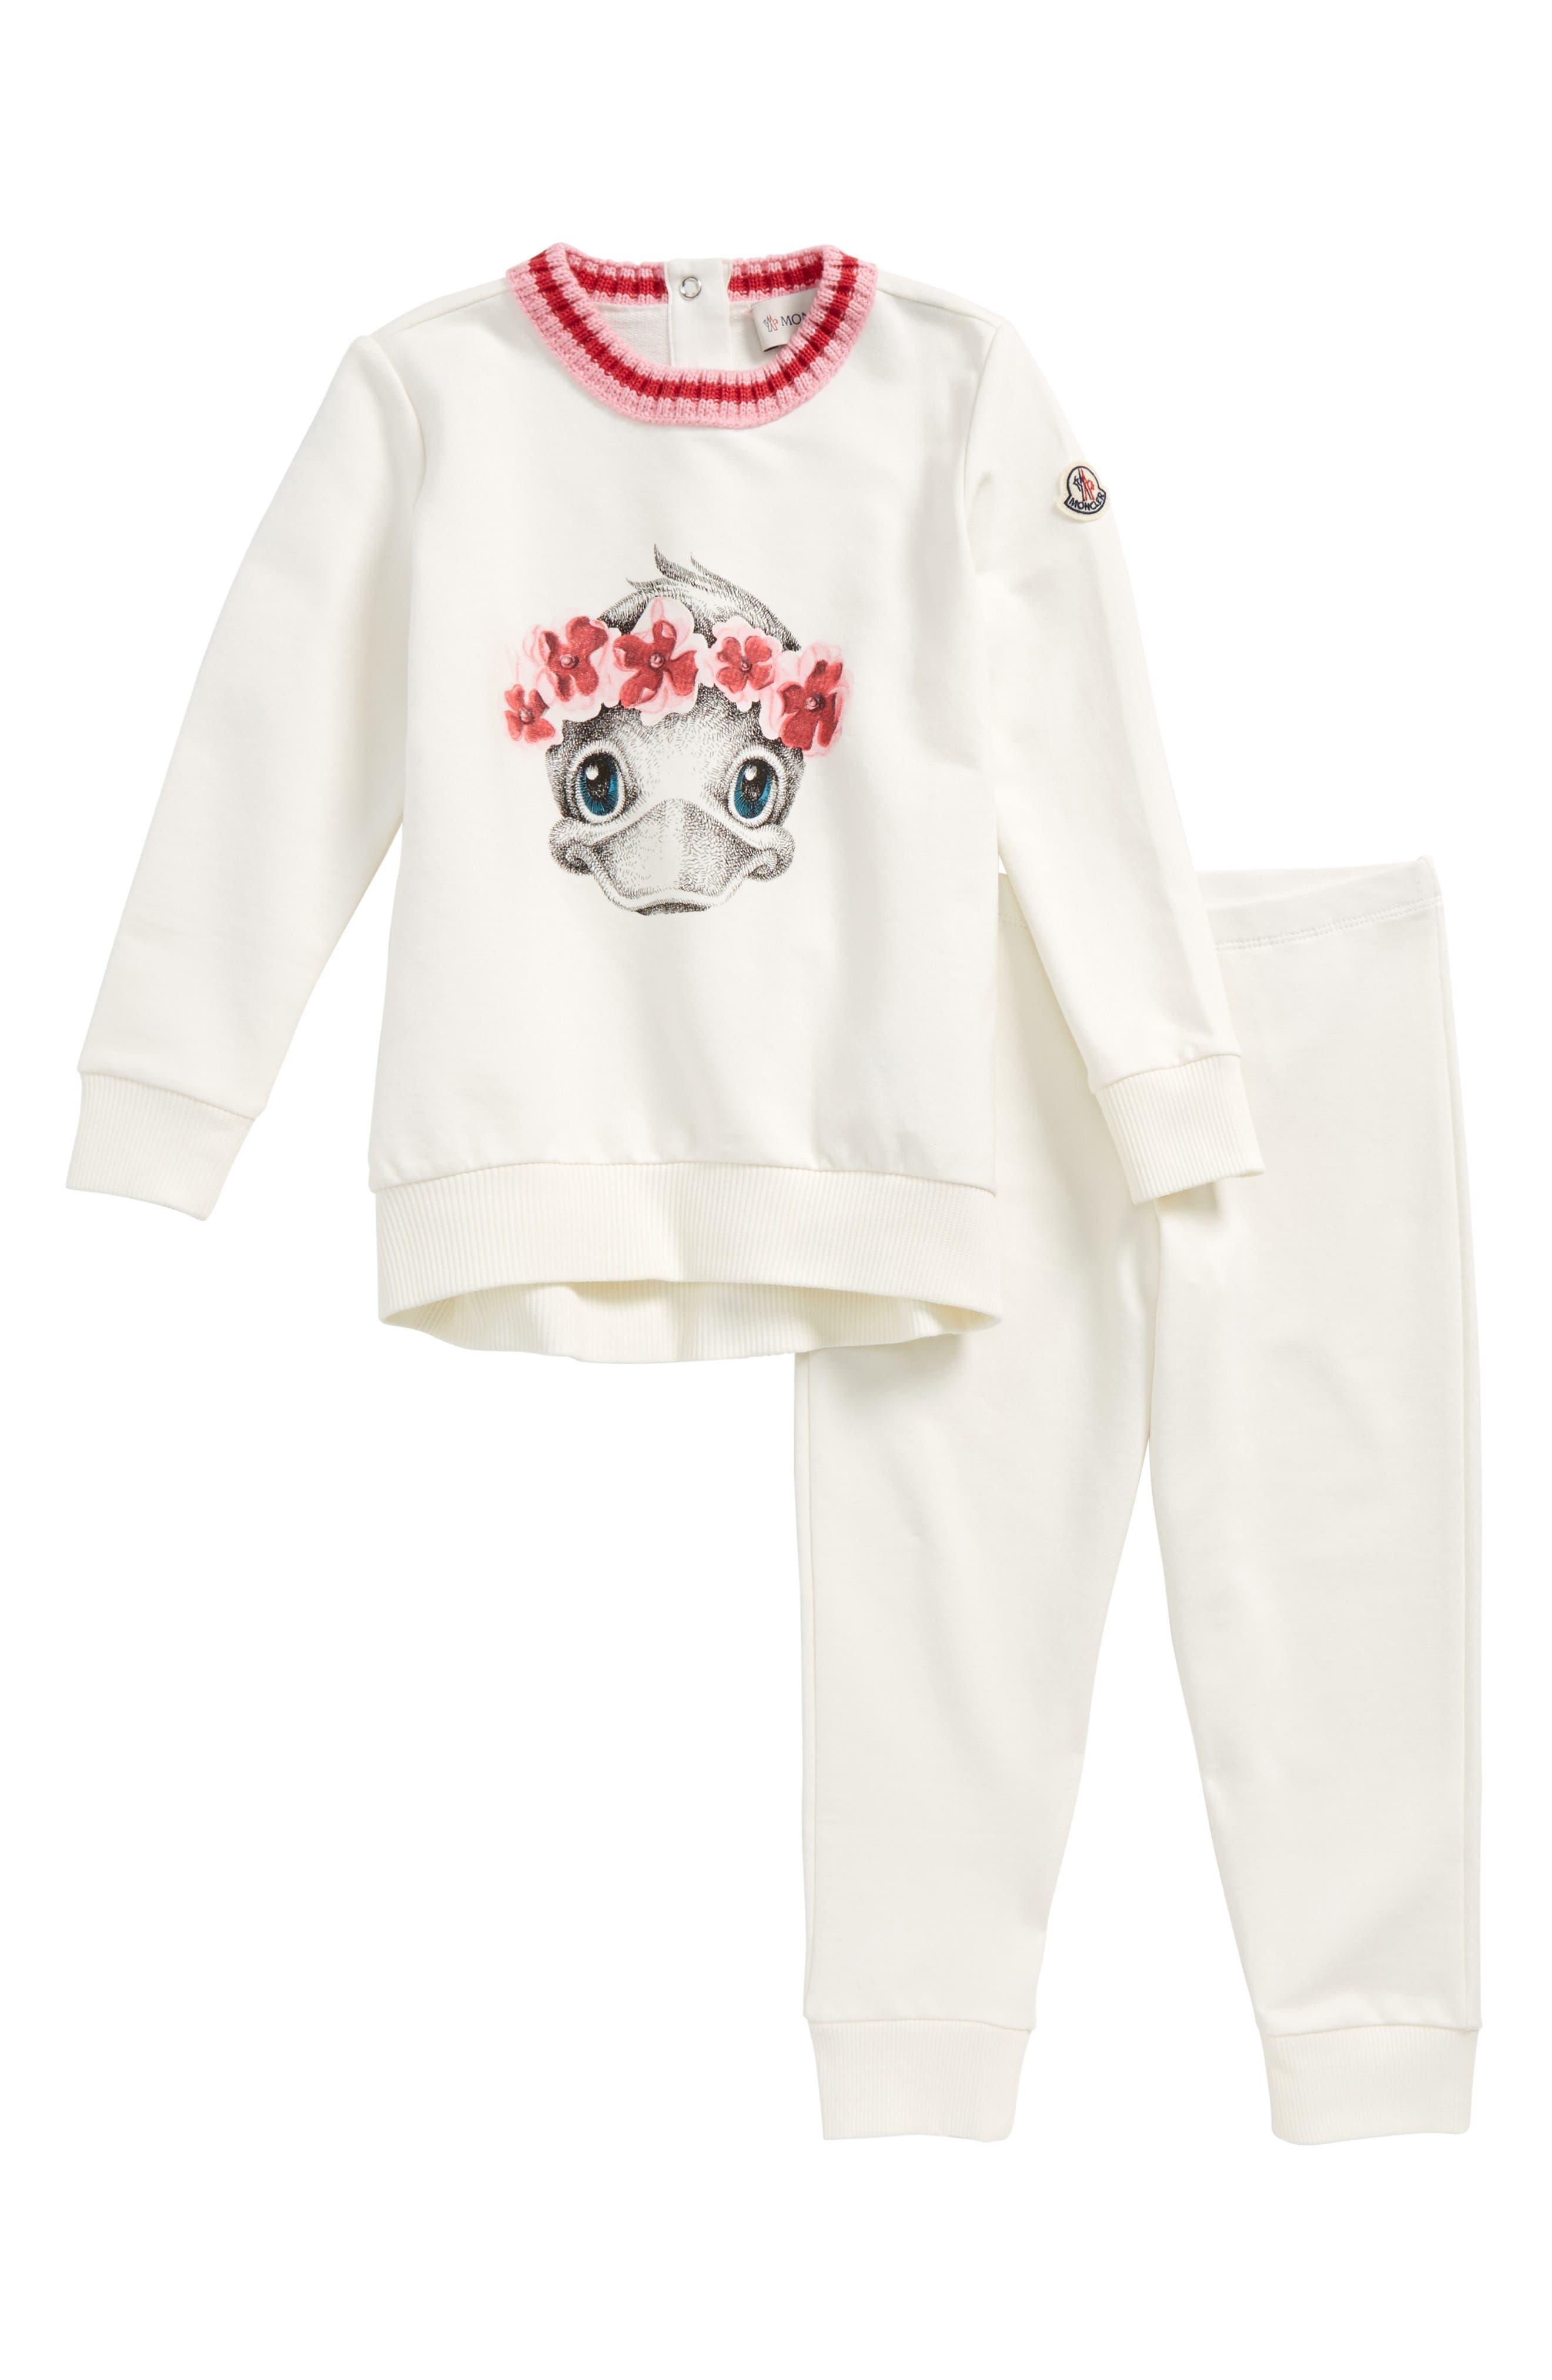 Alternate Image 1 Selected - Moncler Duck Graphic Sweatshirt & Pants Set (Toddler Girls)